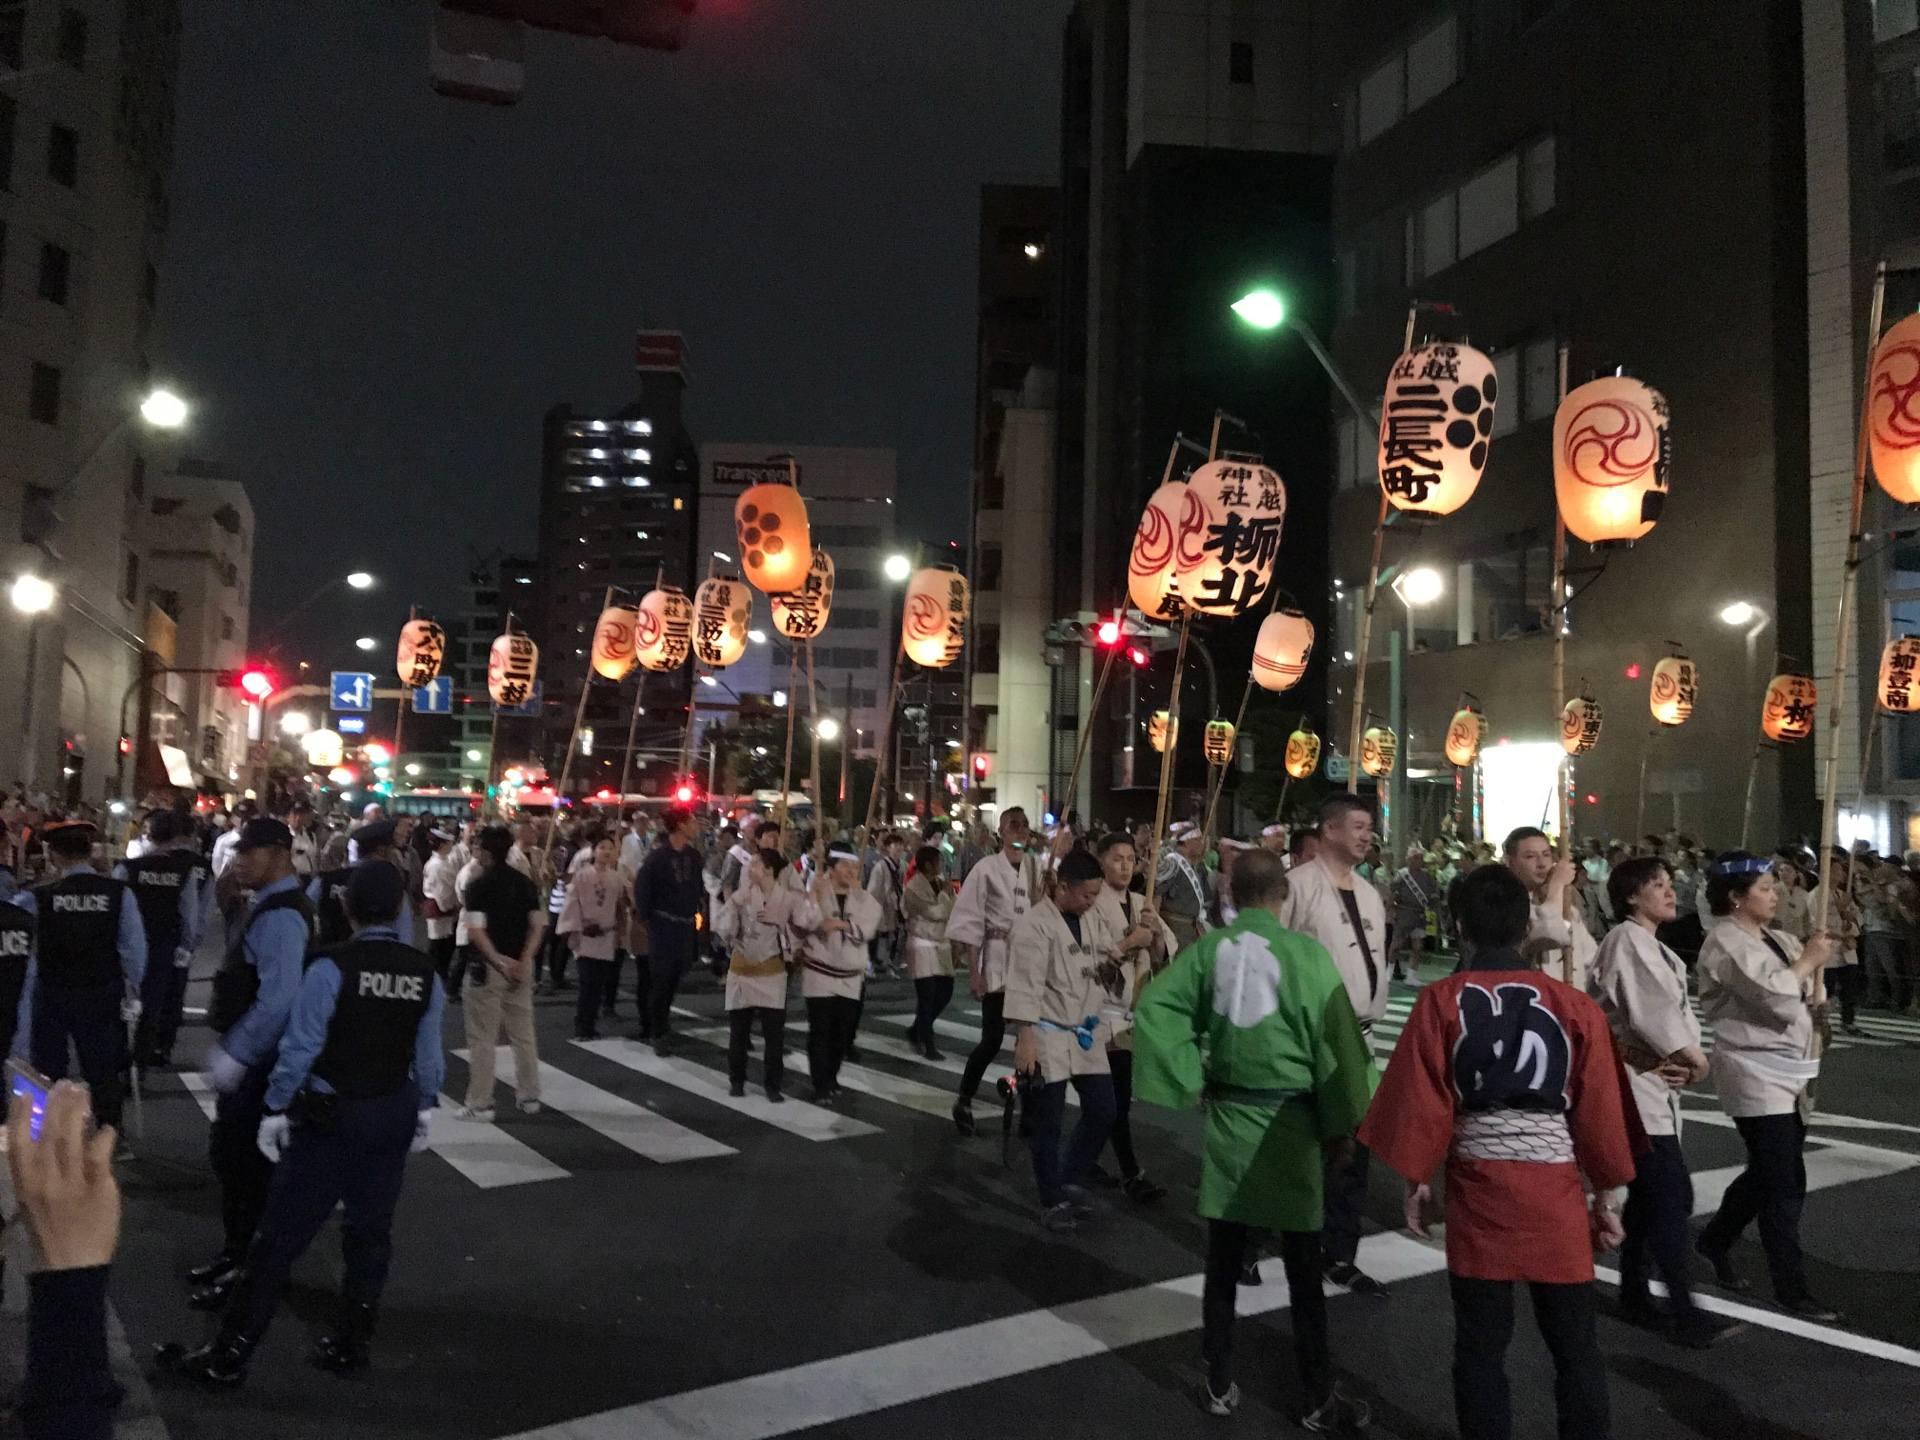 夜間在街巷舉行的「神輿渡御」遊行活動